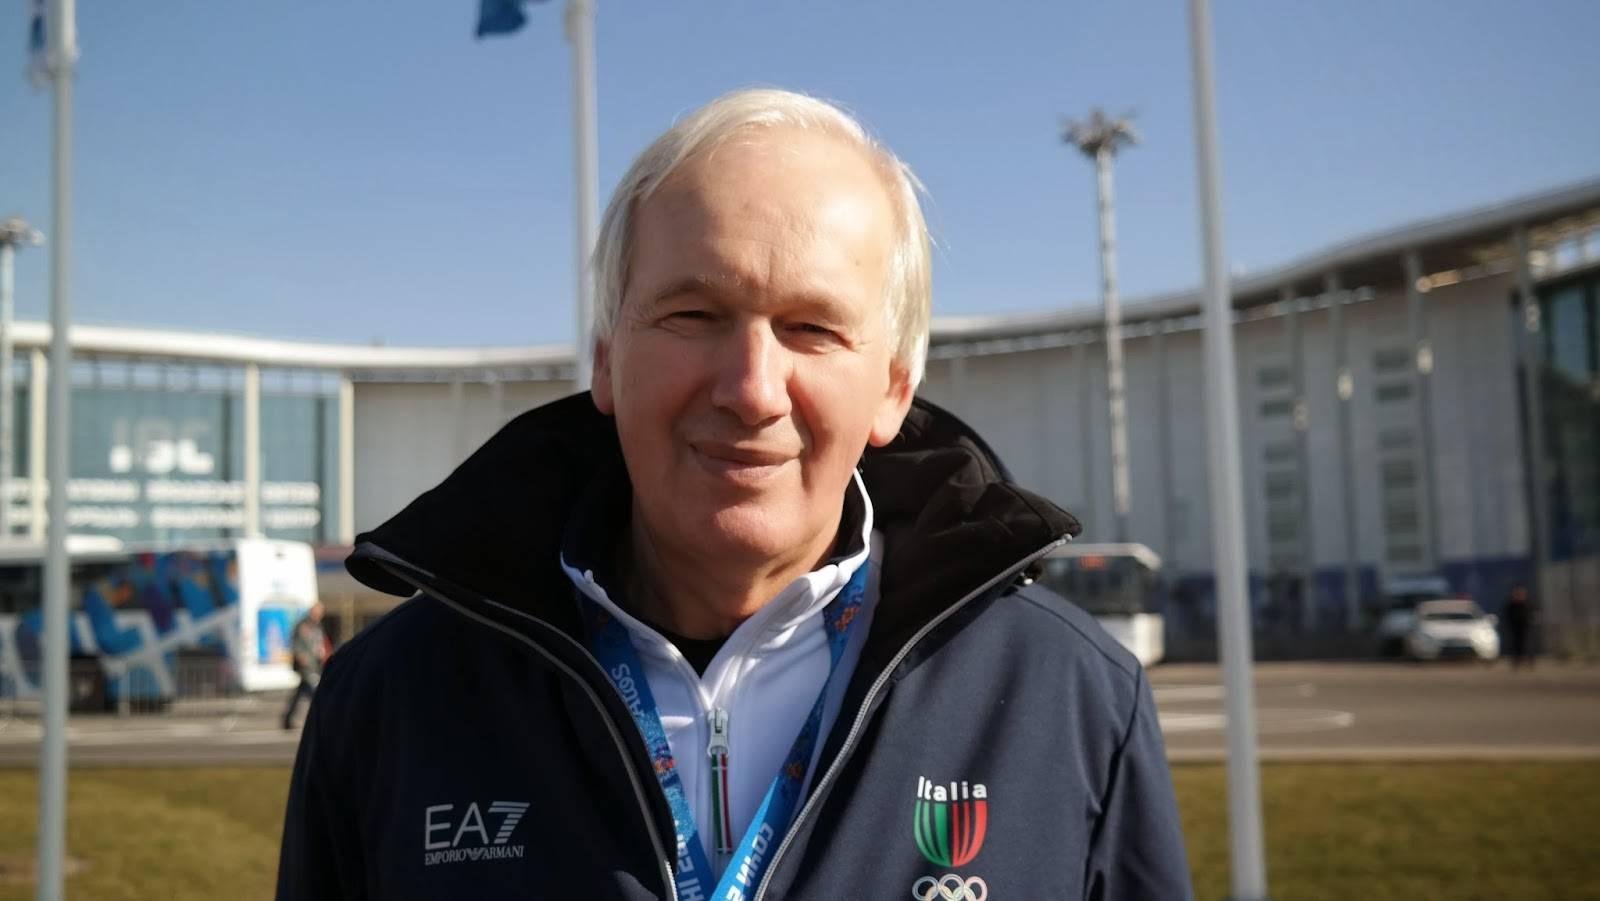 Mario Lusek